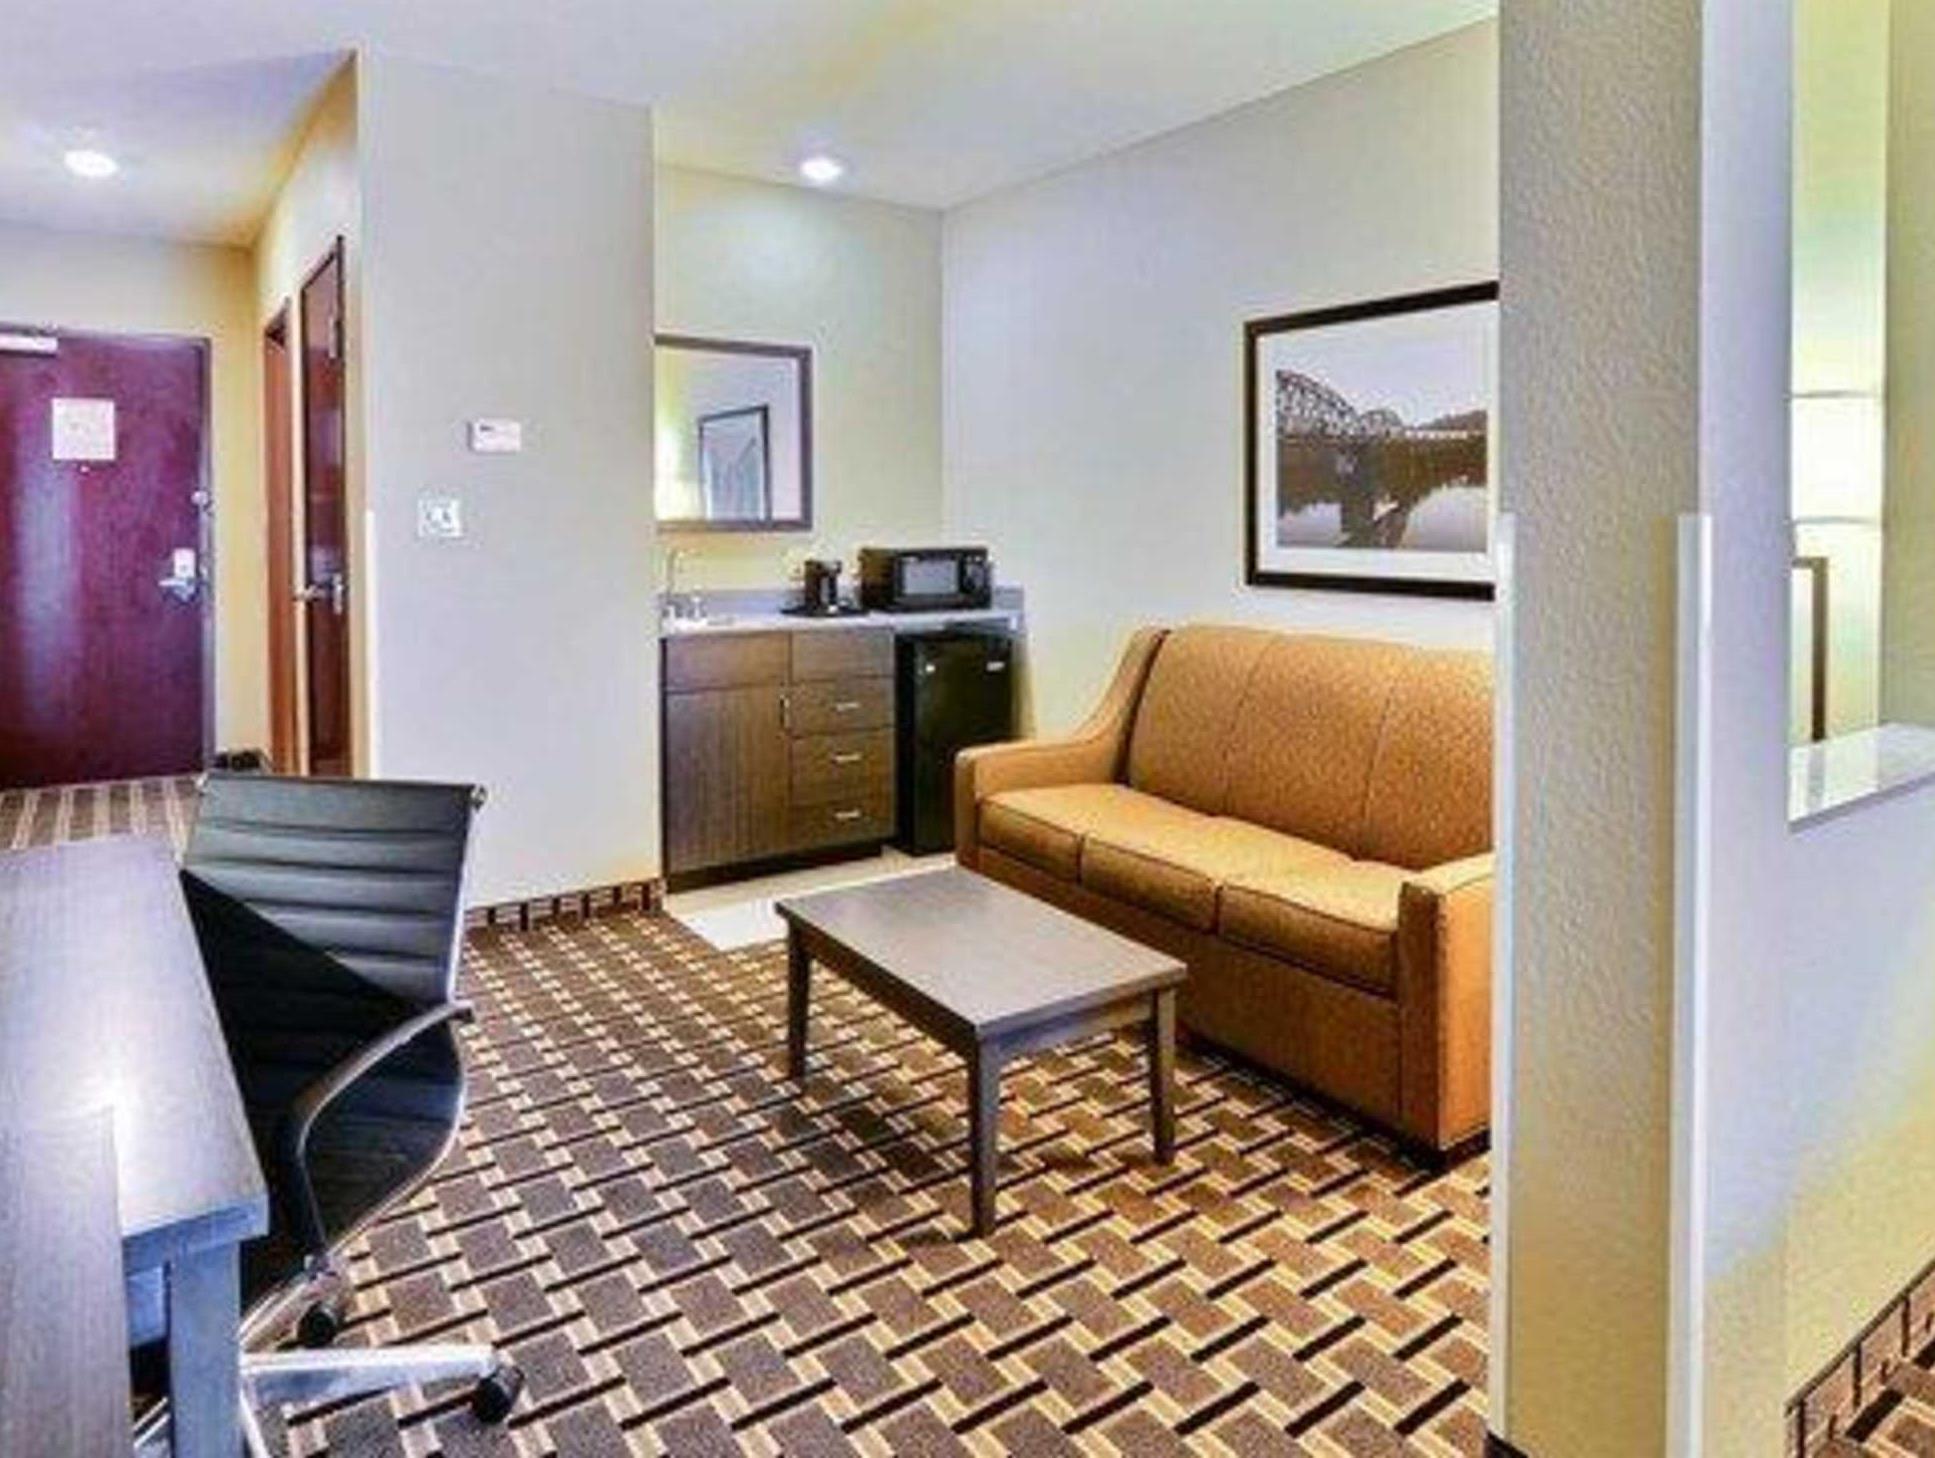 Comfort Suites Uniontown, Fayette